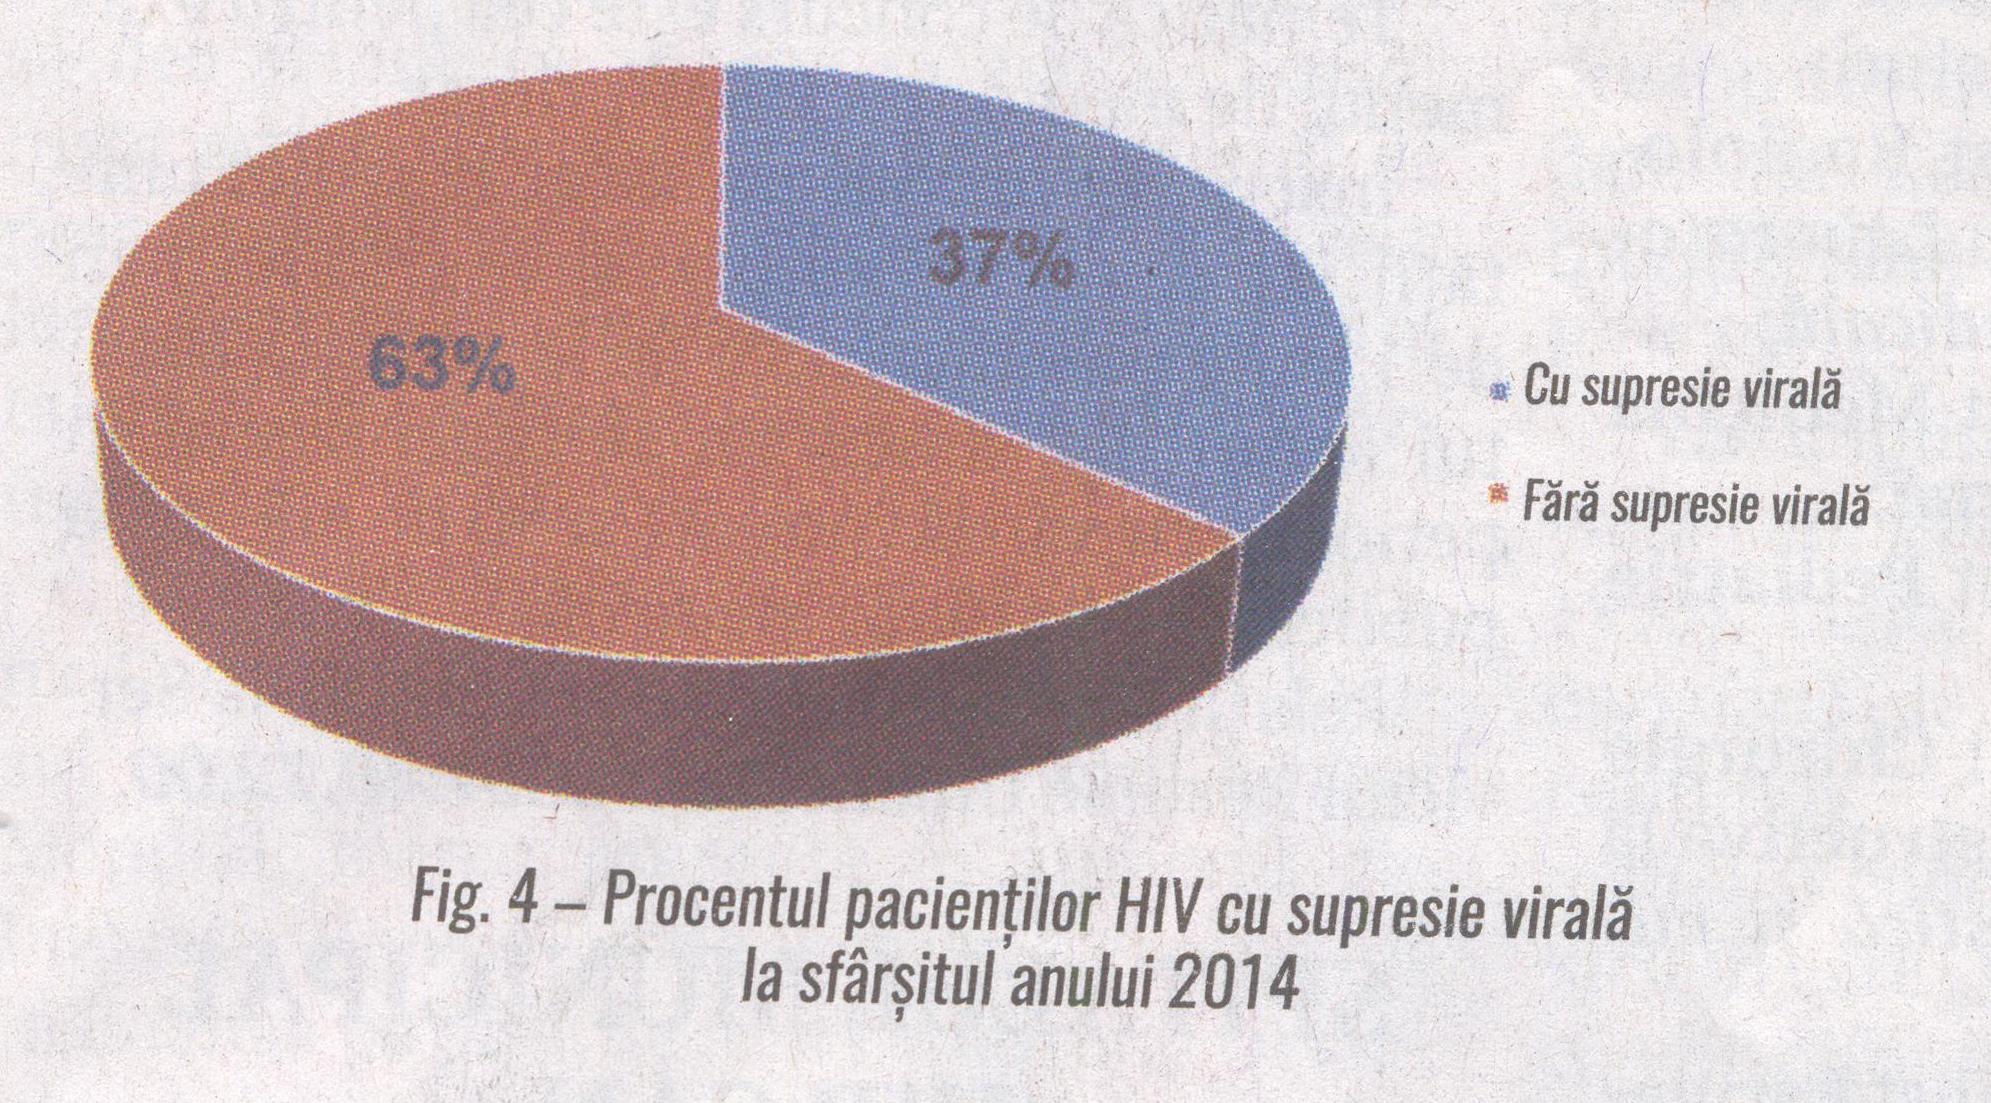 Fig.4 Procentul pacientilor HIV cu suprensie virala la sfarsitul anului 2014